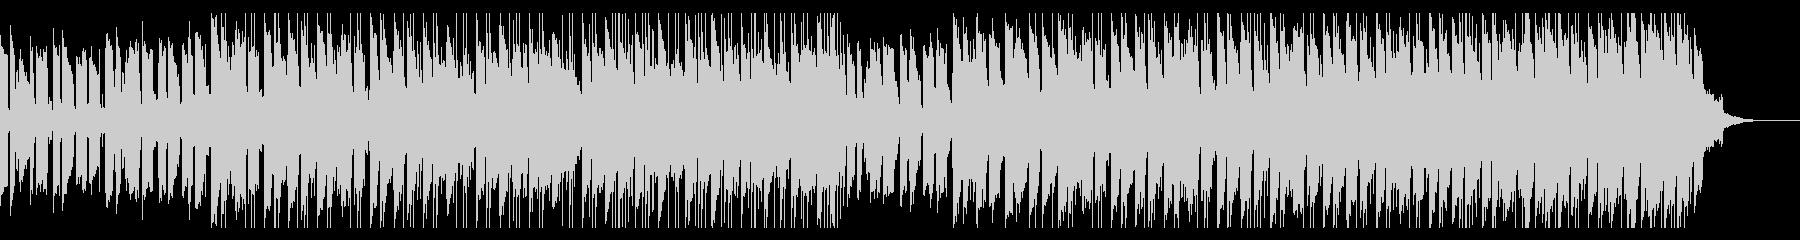 ピアノサックスのパーカッションとエレキギの未再生の波形